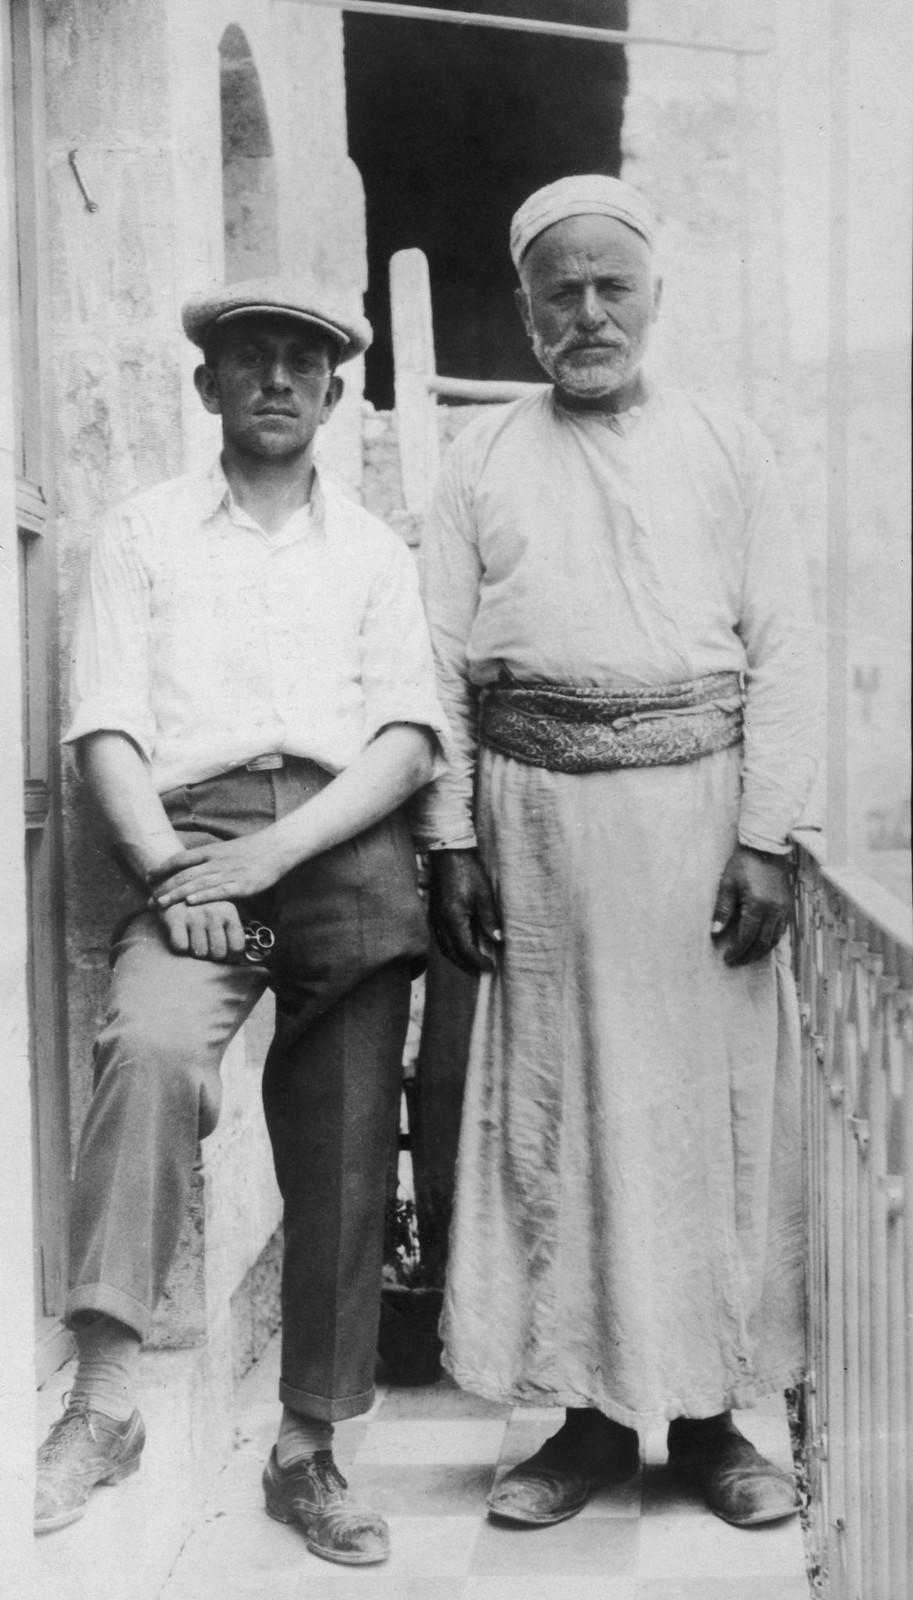 09. 23–31 августа. Хеврон. Араб с одним из 22 евреев, чьи жизни он спас, скрыв их в своем доме во время погрома